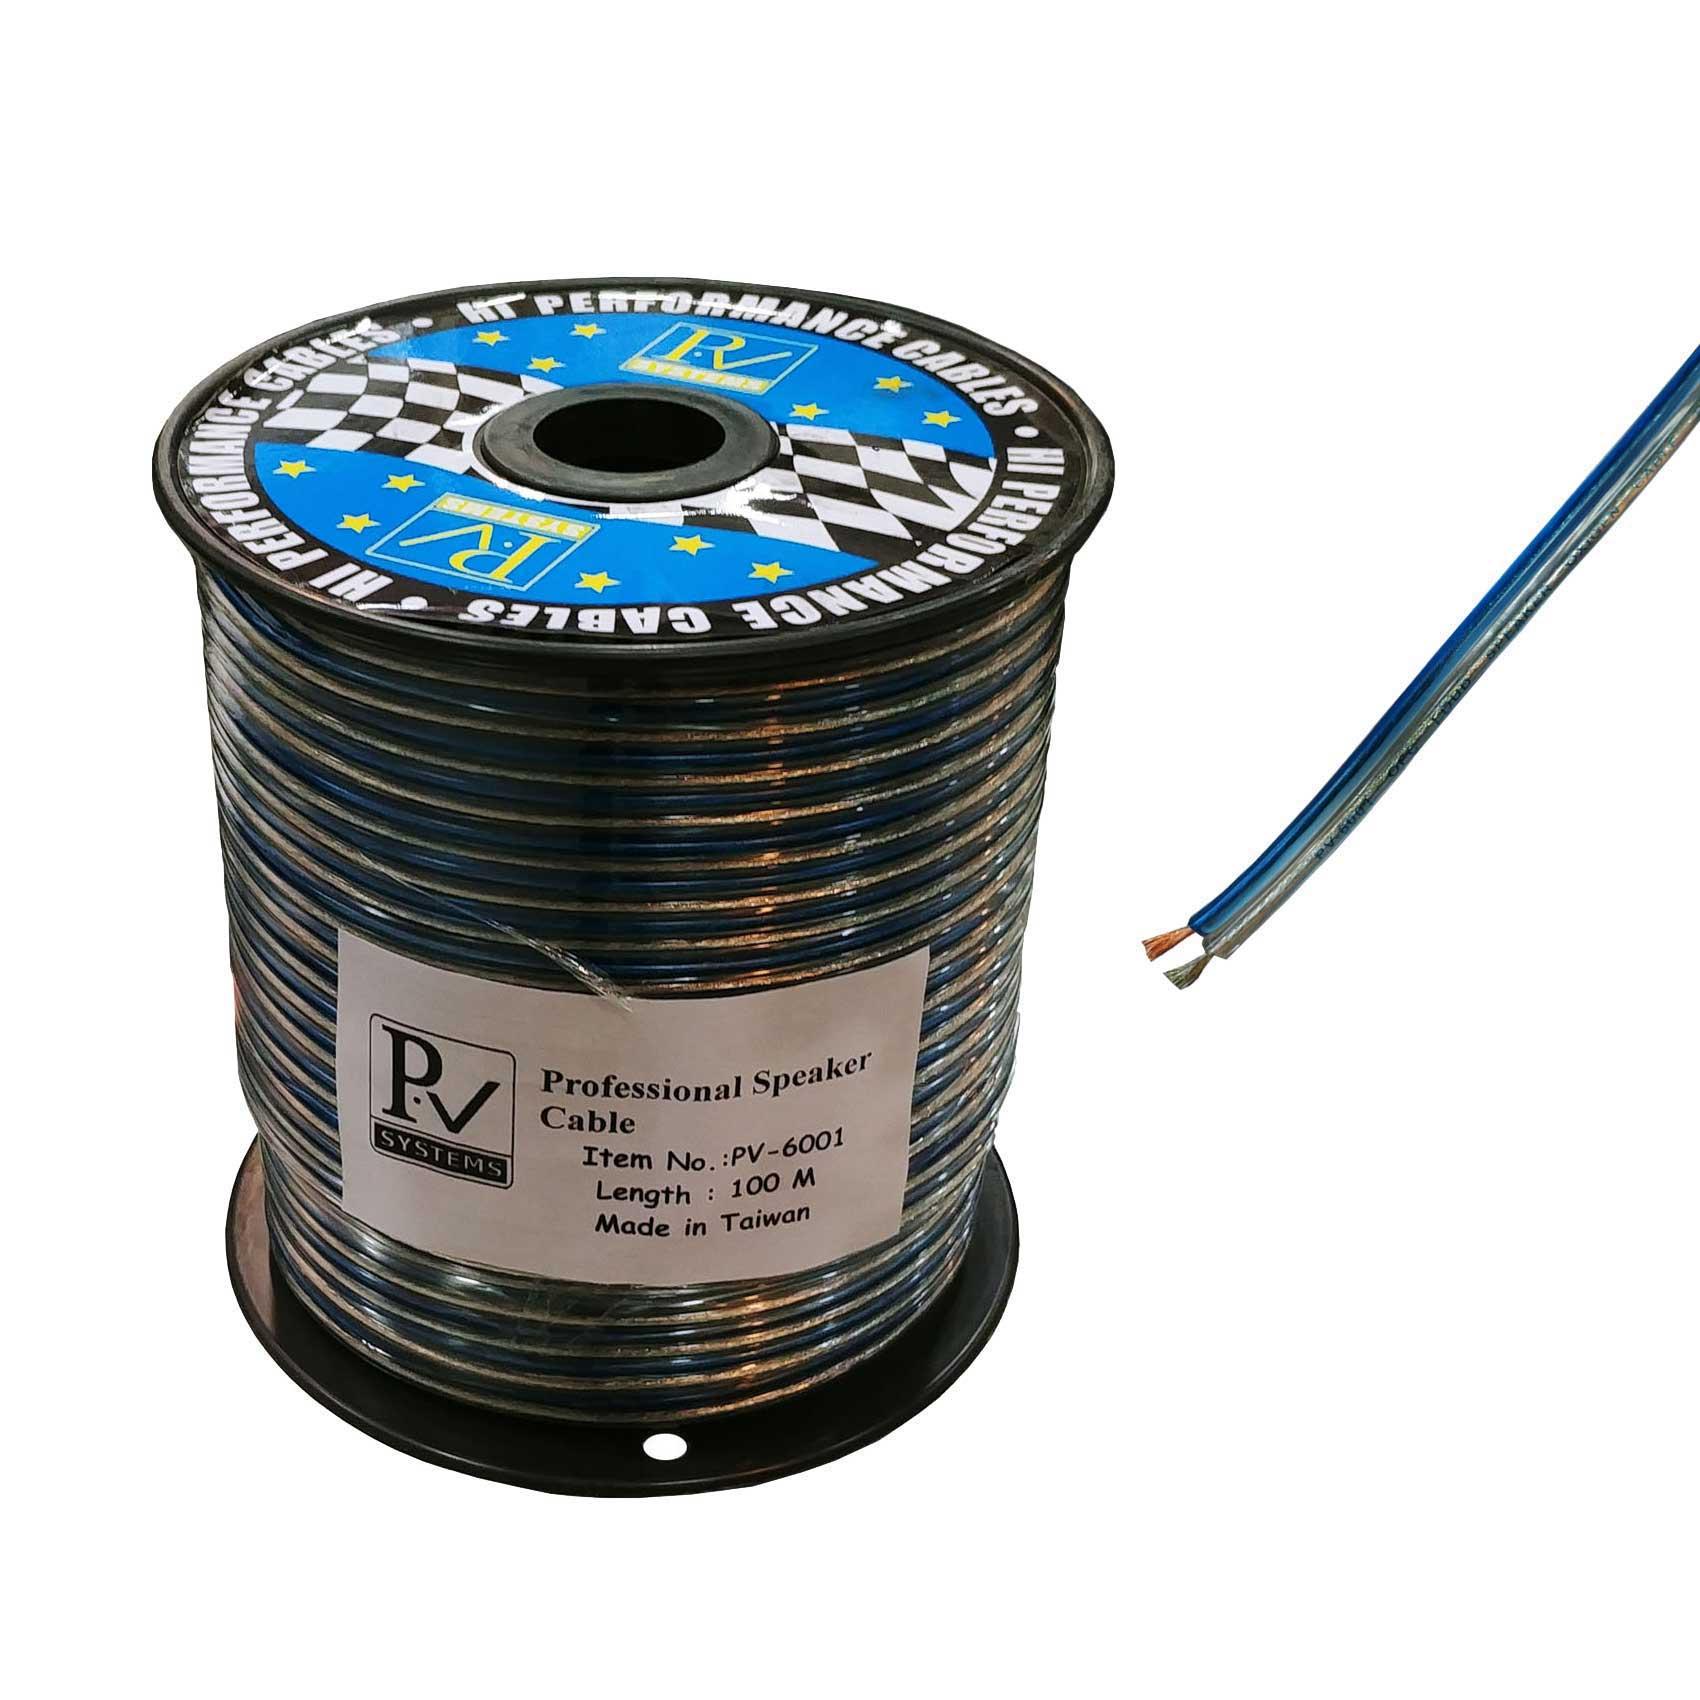 کابل اسپیکر پی وی مدل 6001 حلقه 100 متری